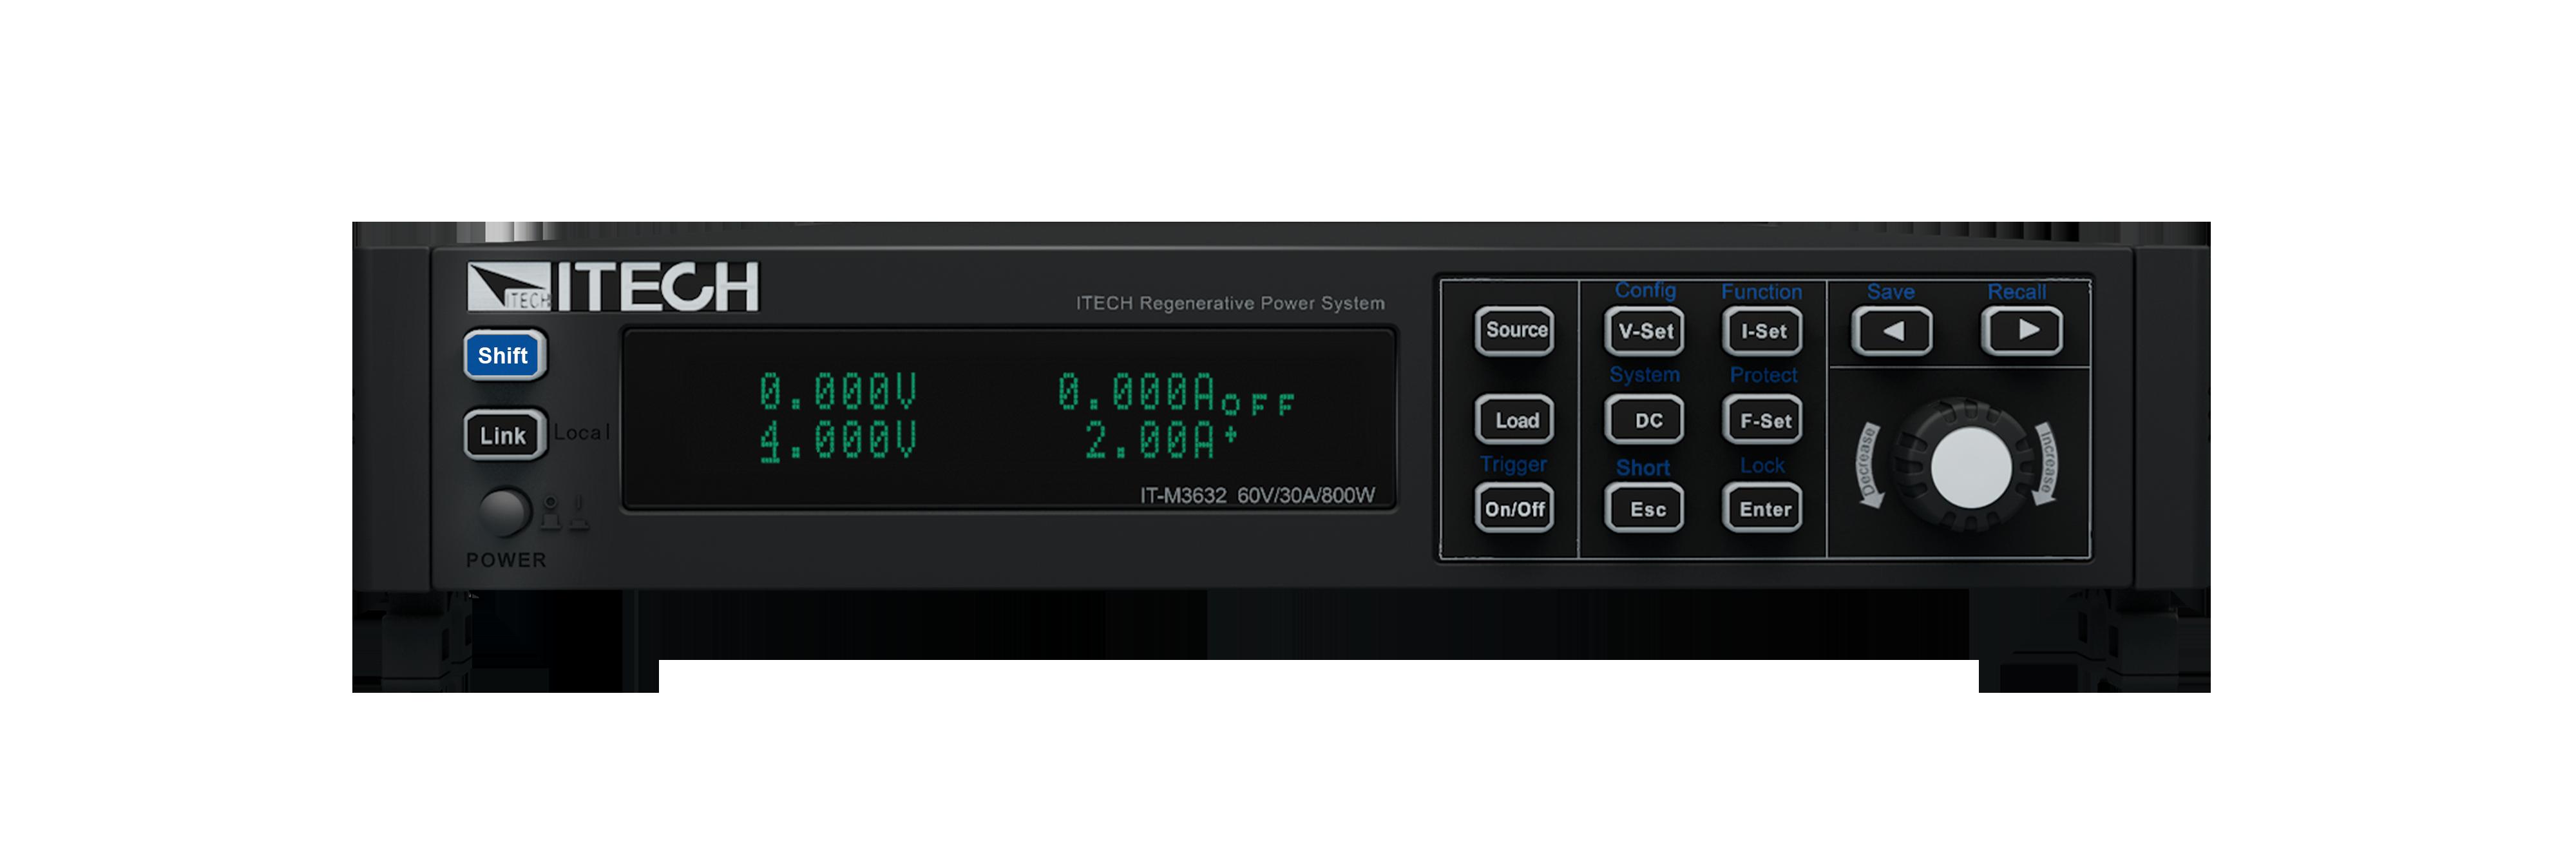 Itech IT-M3600 Regeneratieve Power Systeem